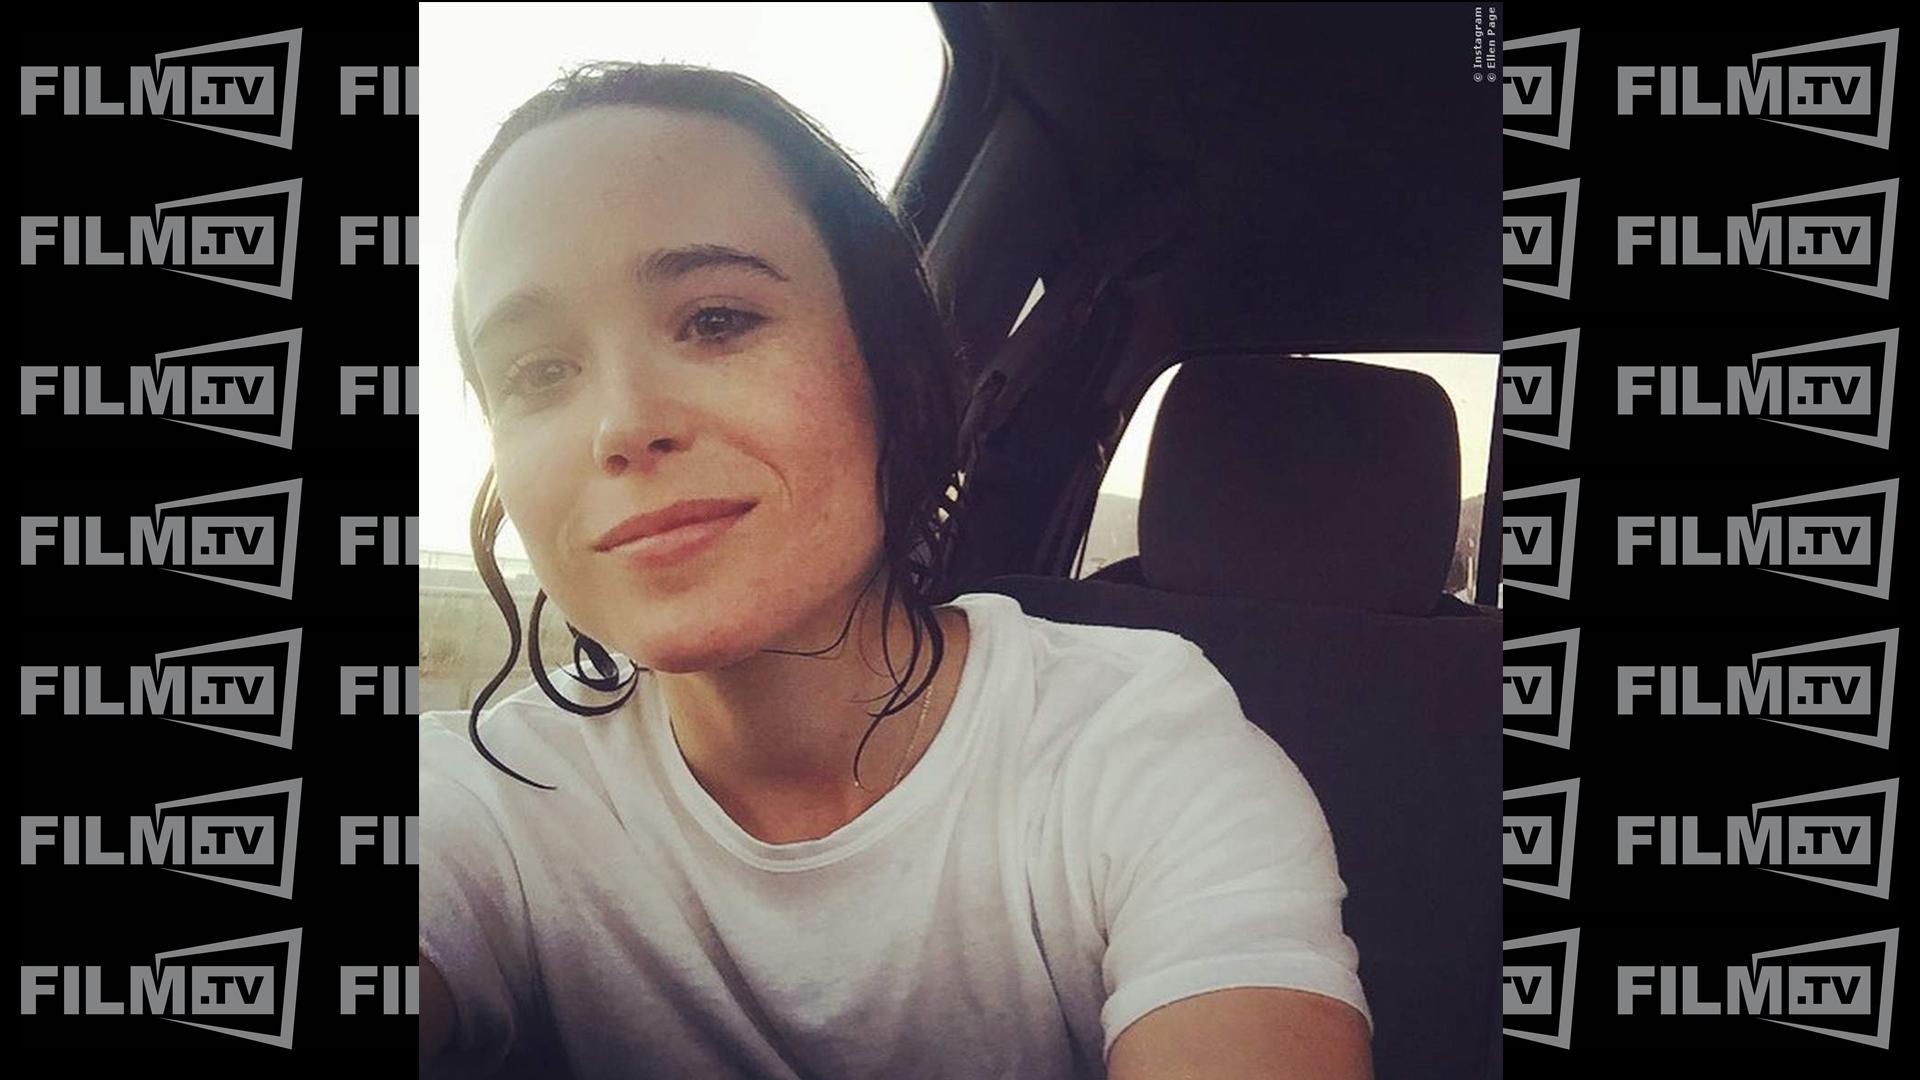 Ellen Page aus Filmen wie Juno oder X-Men hat eine Doppelgängerin im Pornogeschäft. Checkt das nächste Bild!